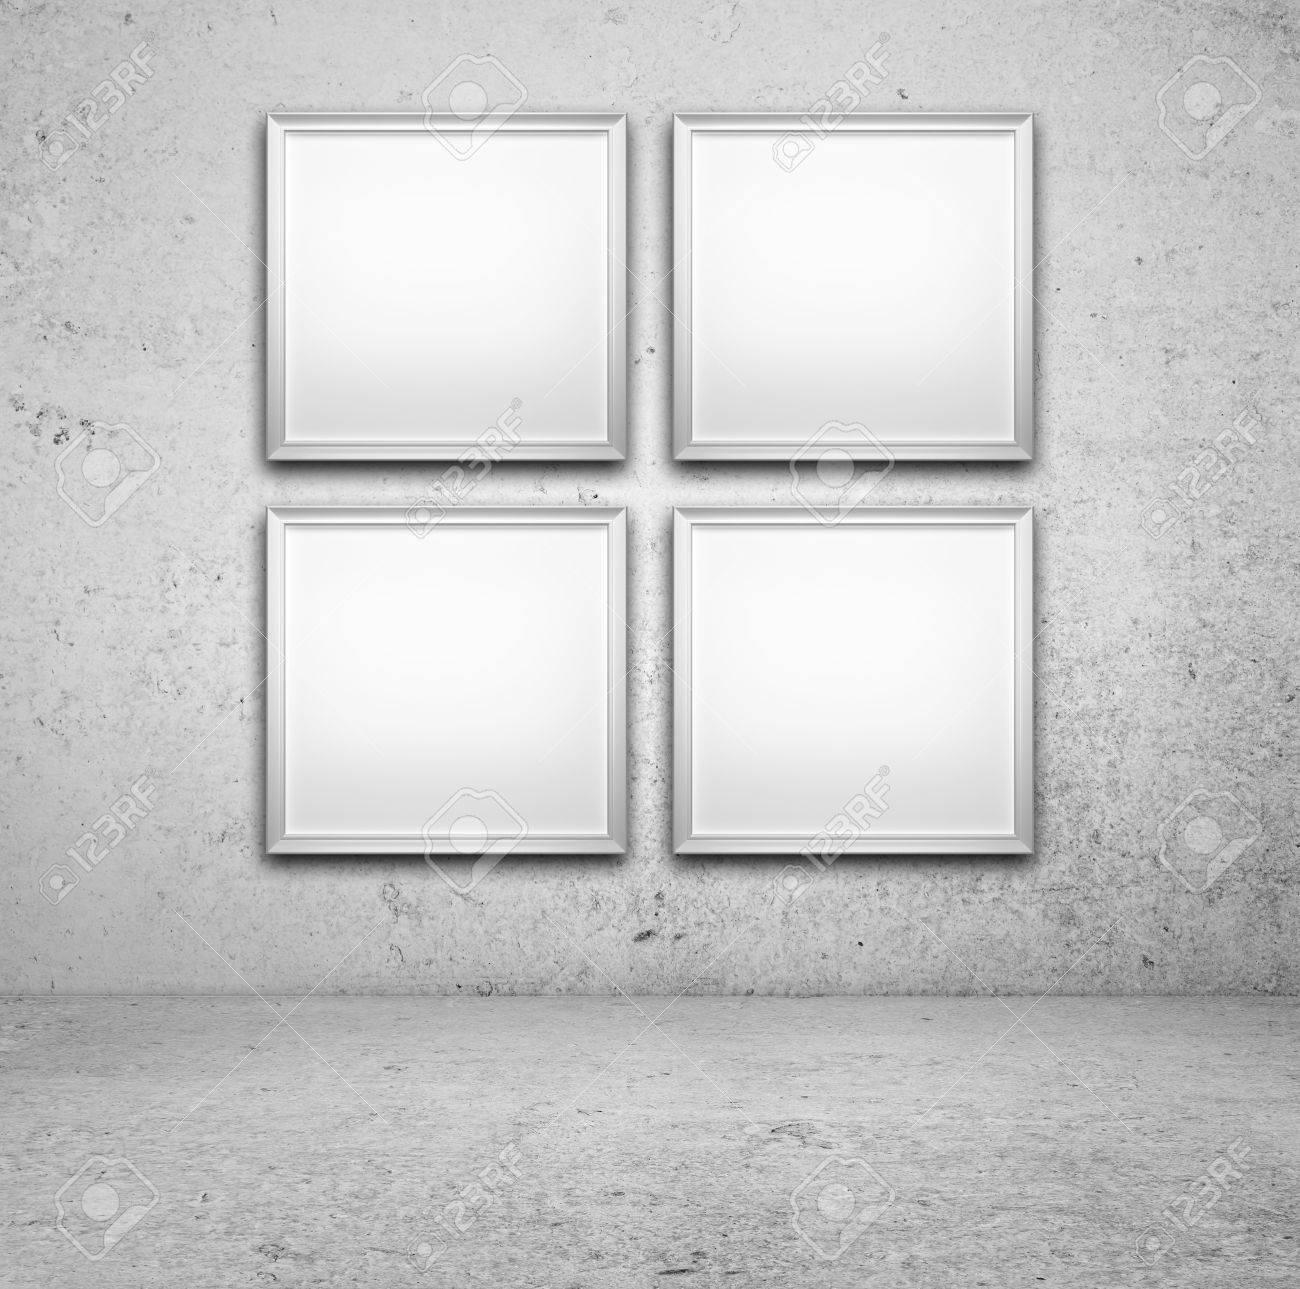 Cuatro Marco En Blanco En Una Pared De Hormigón Fotos, Retratos ...